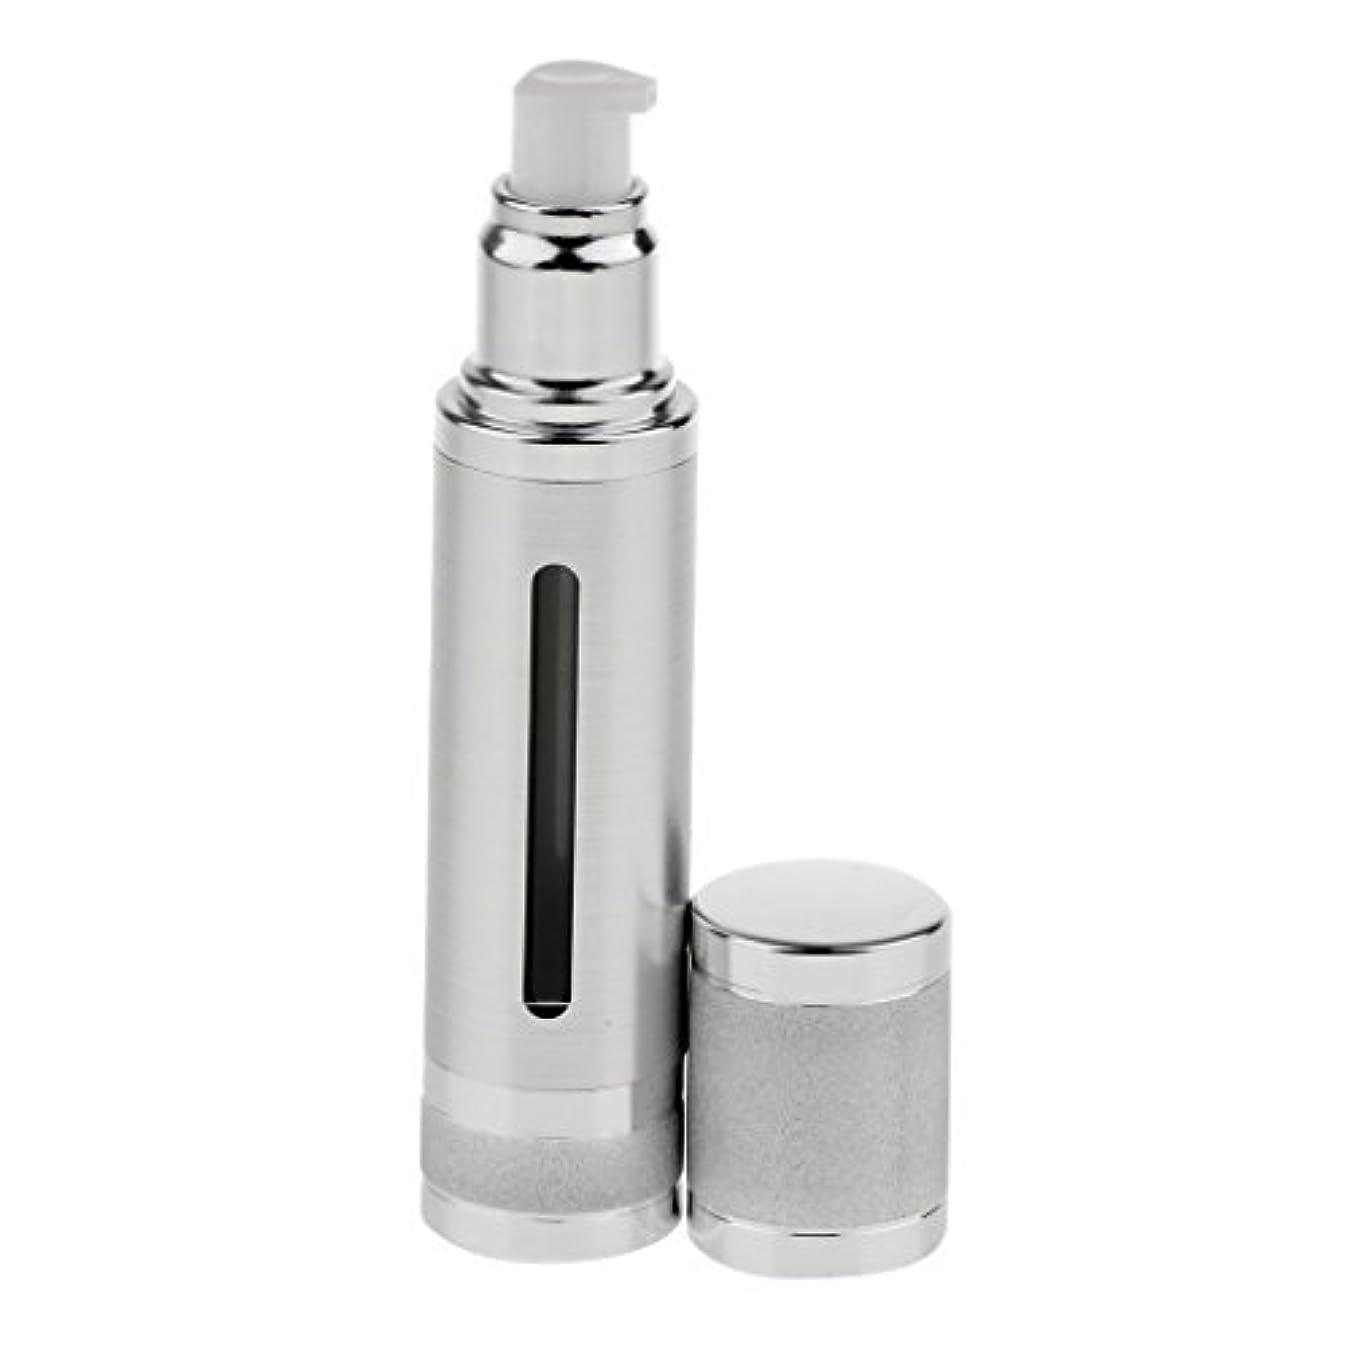 期限勉強するヨーグルトKesoto エアレスボトル 50ml エアレス ポンプボトル ローション クリーム 化粧品 詰め替え可 容器 2色選べる - 銀